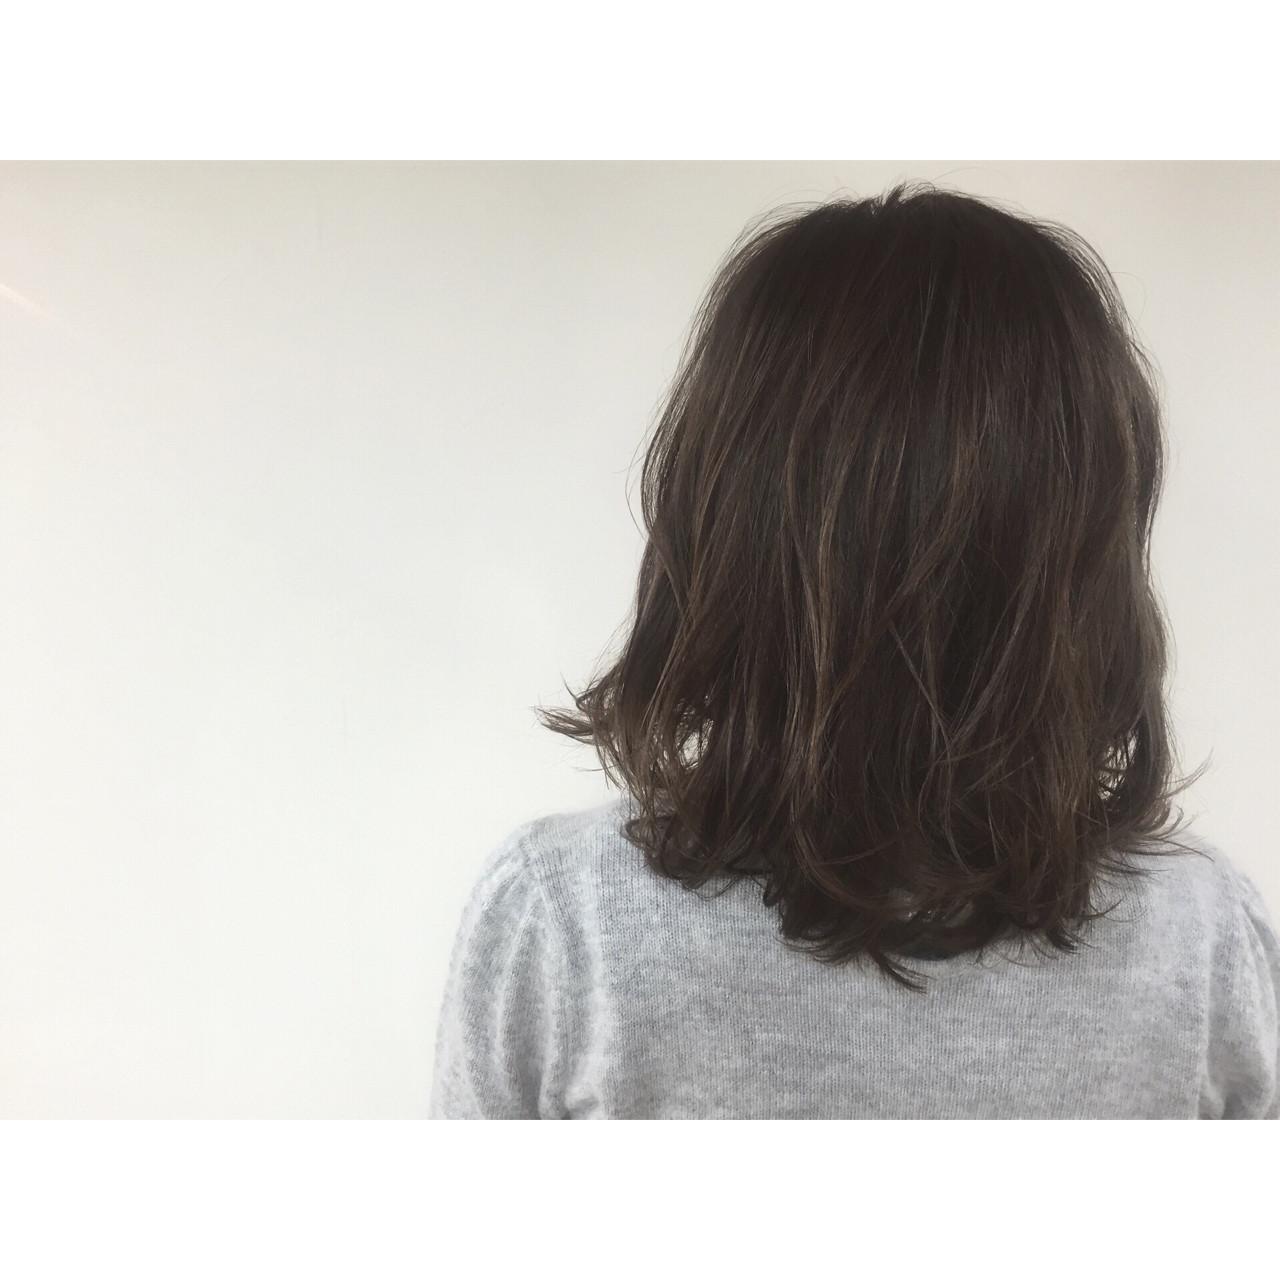 ヘアアレンジ ストリート 外国人風 ミディアム ヘアスタイルや髪型の写真・画像 | Tatsuya Hara / Corte